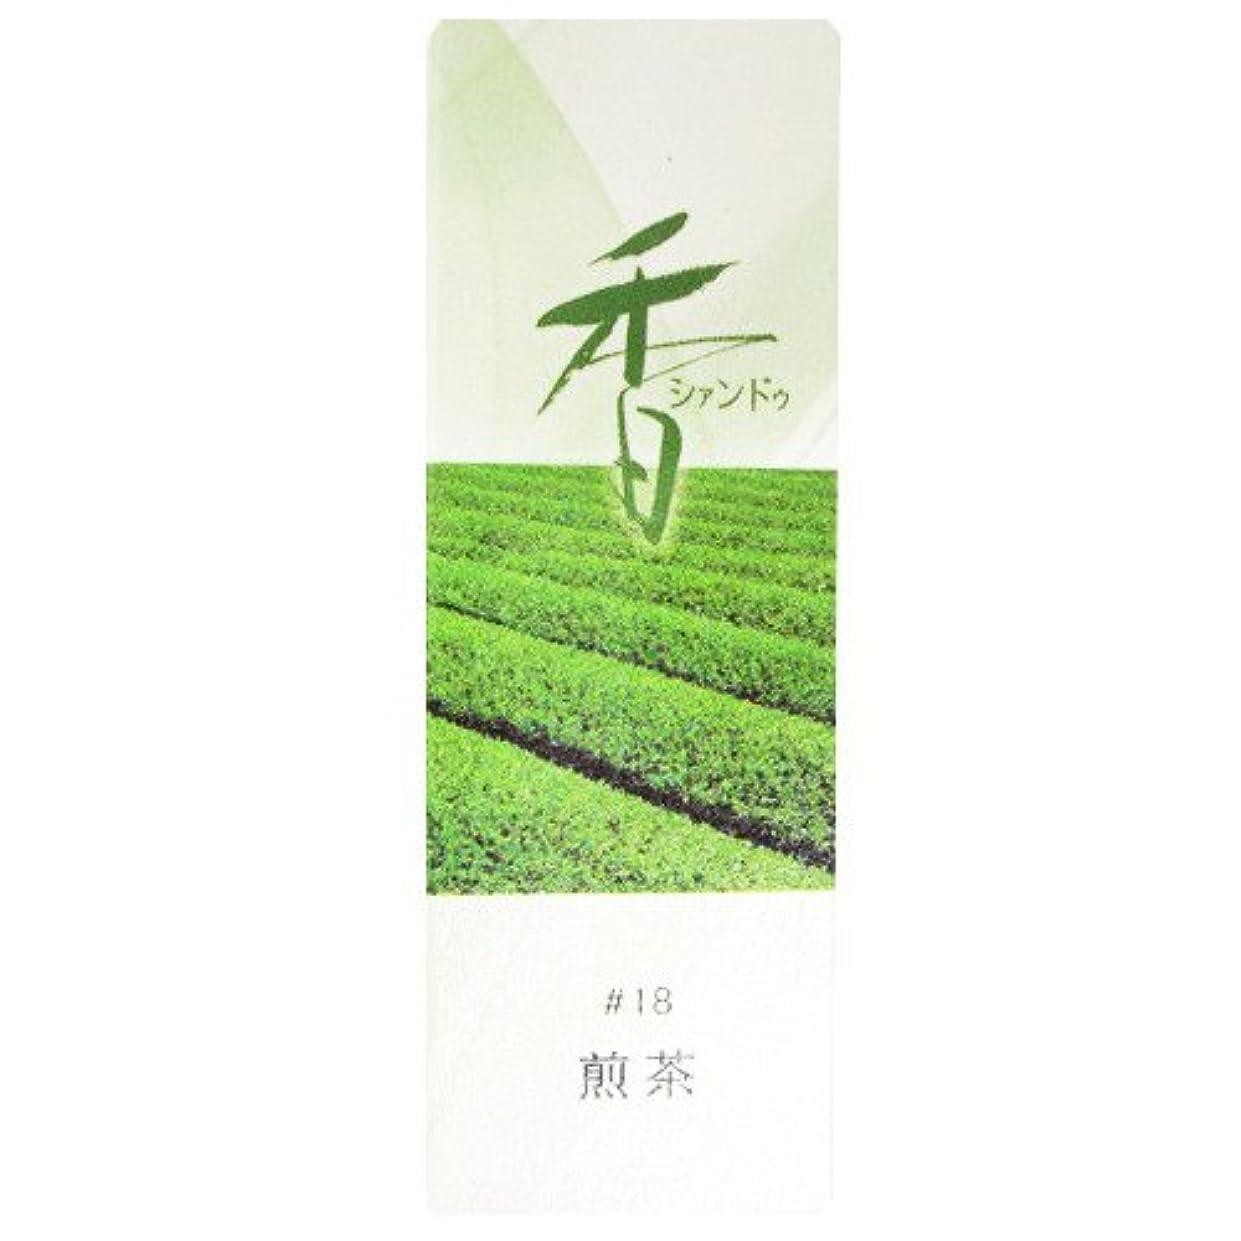 何故なの例外ビルマ松栄堂のお香 Xiang Do(シャンドゥ) 煎茶 ST20本入 簡易香立付 #214218